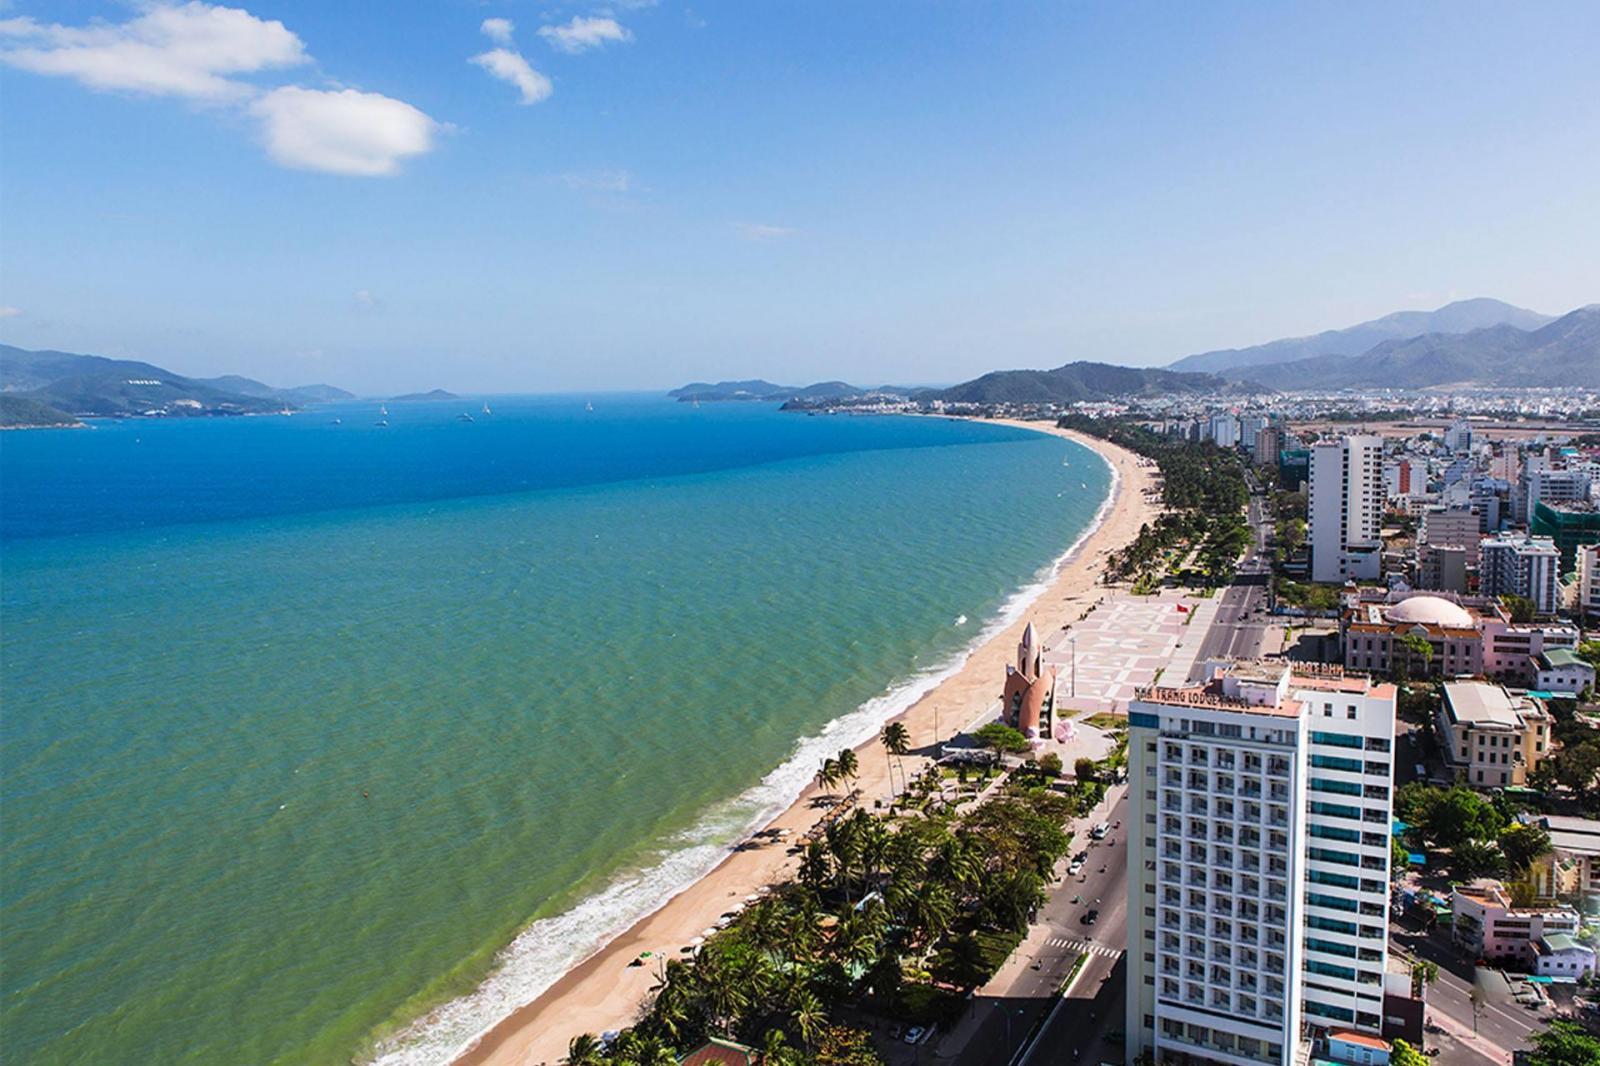 bất động sản nghỉ dưỡng nằm ven biển